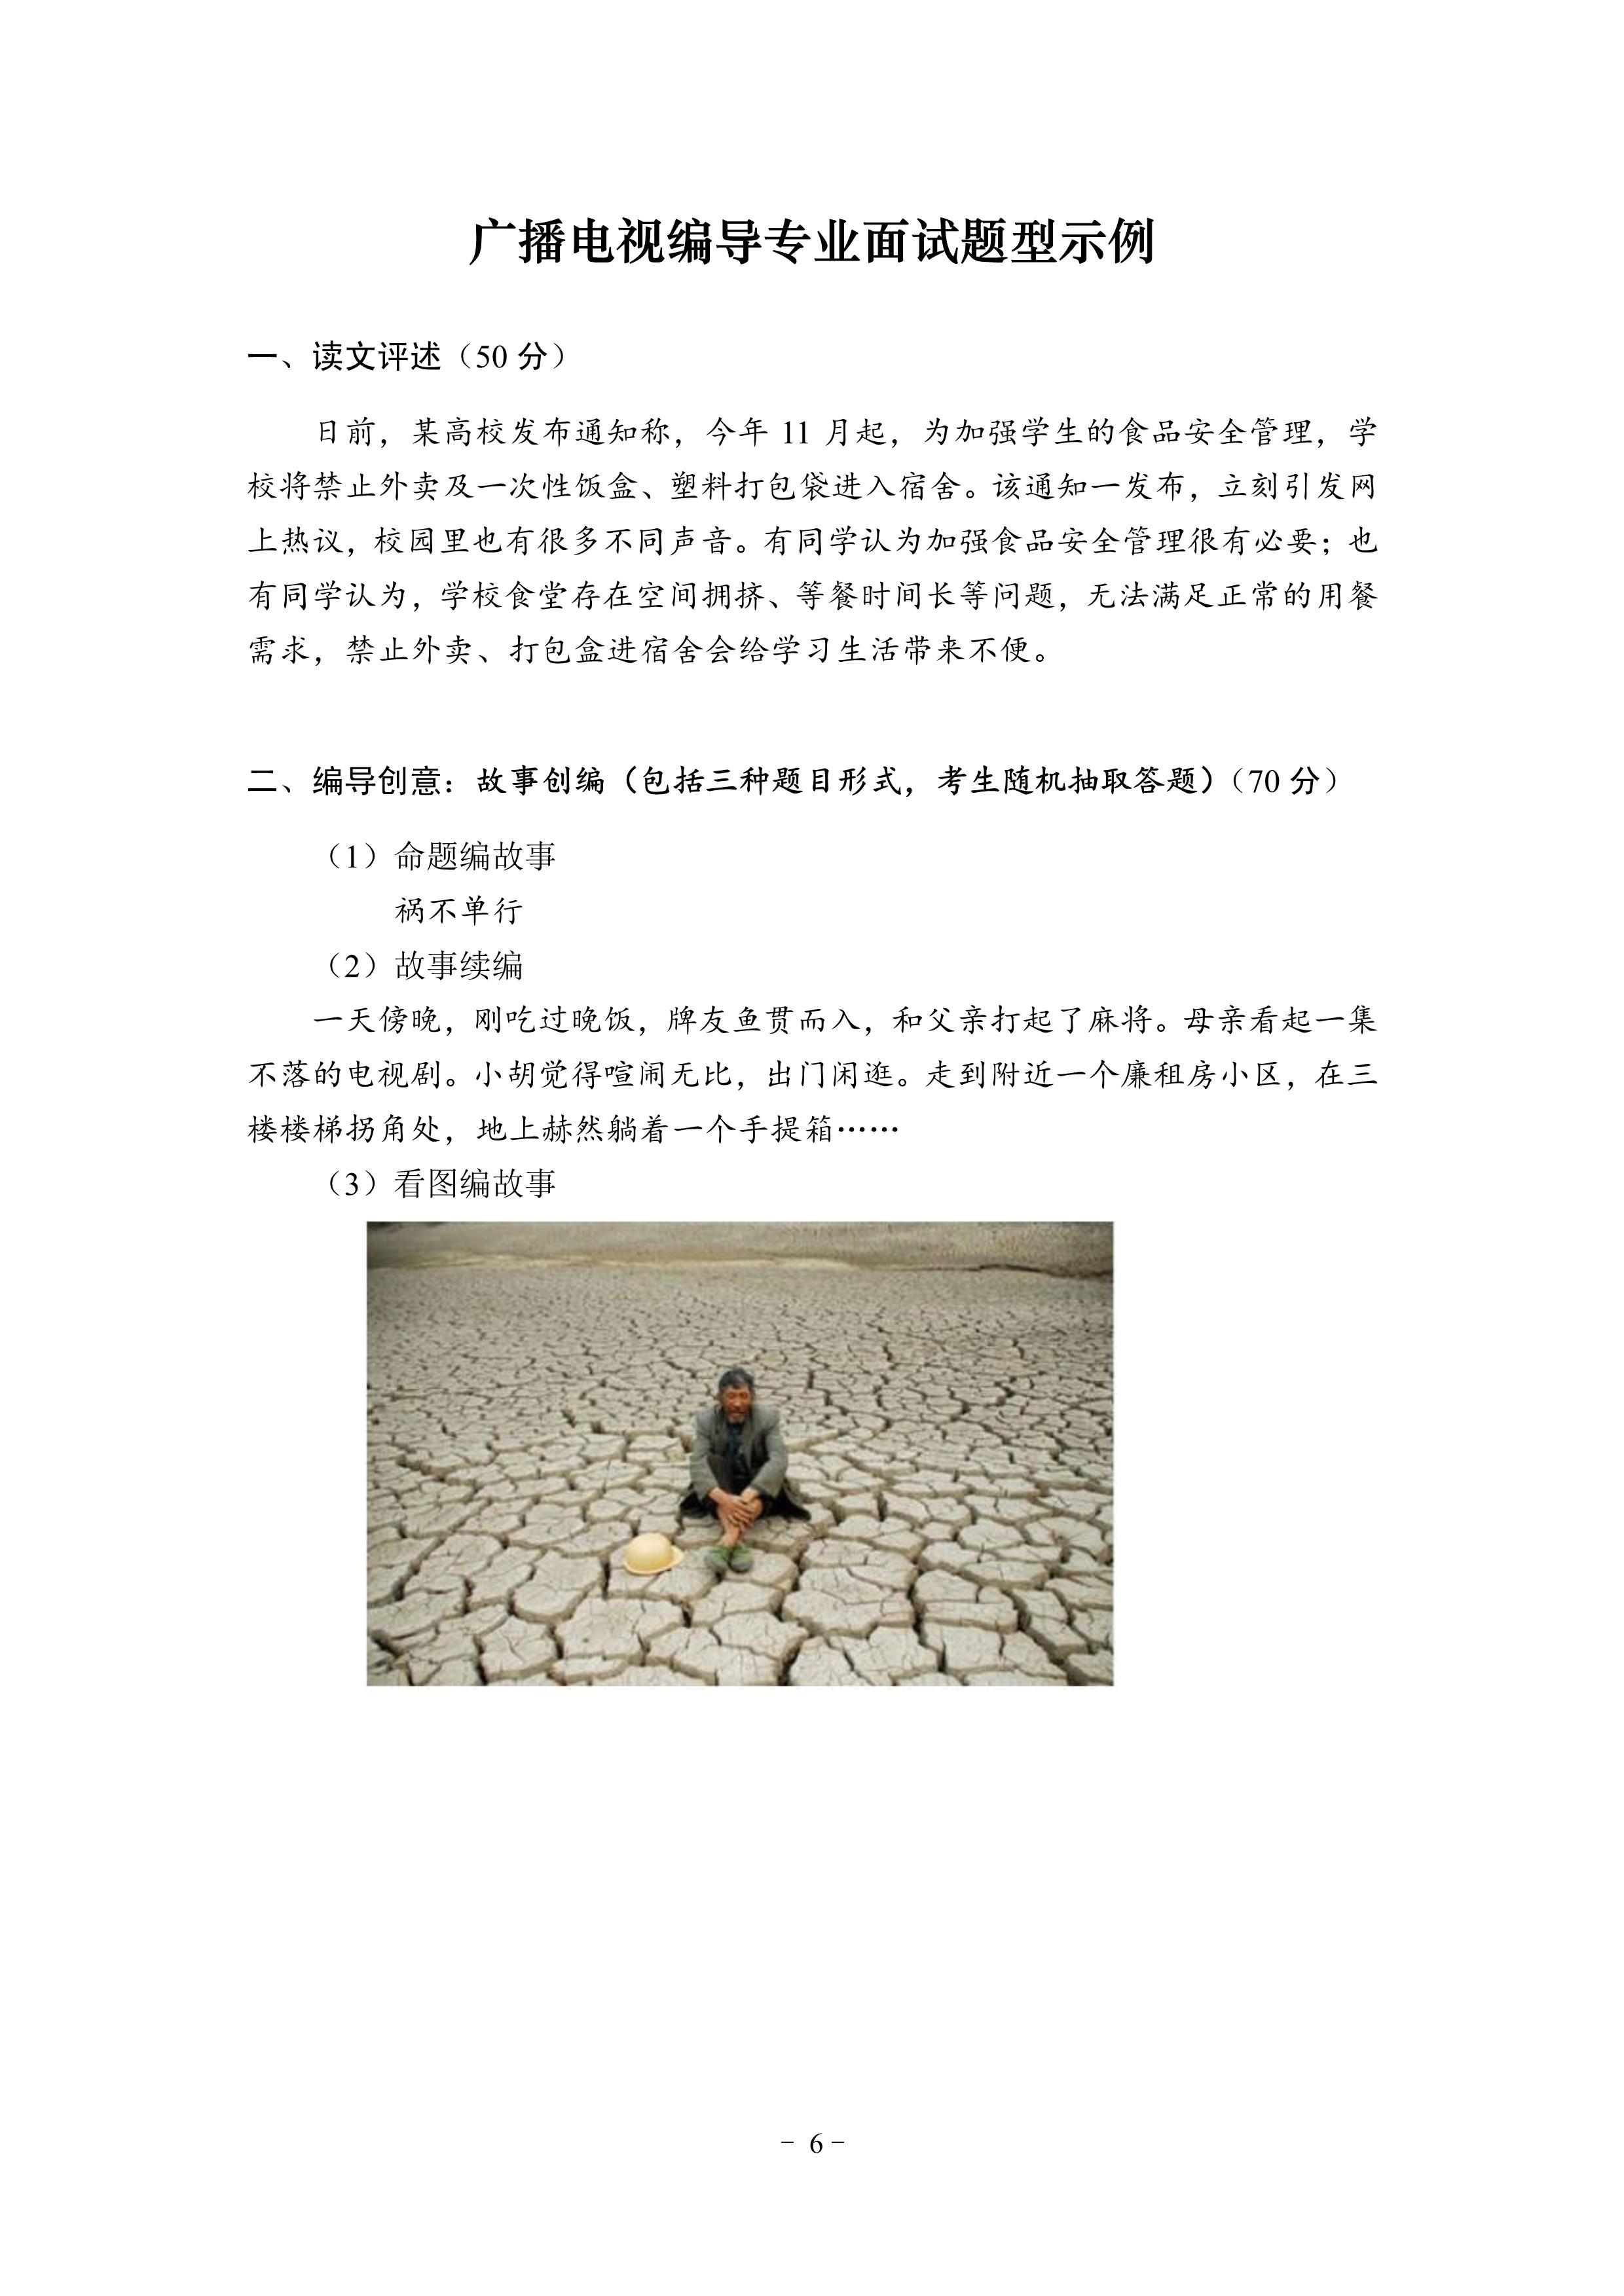 2022年湖北省艺术类统考(广播电视编导专业)考试大纲_6.jpg